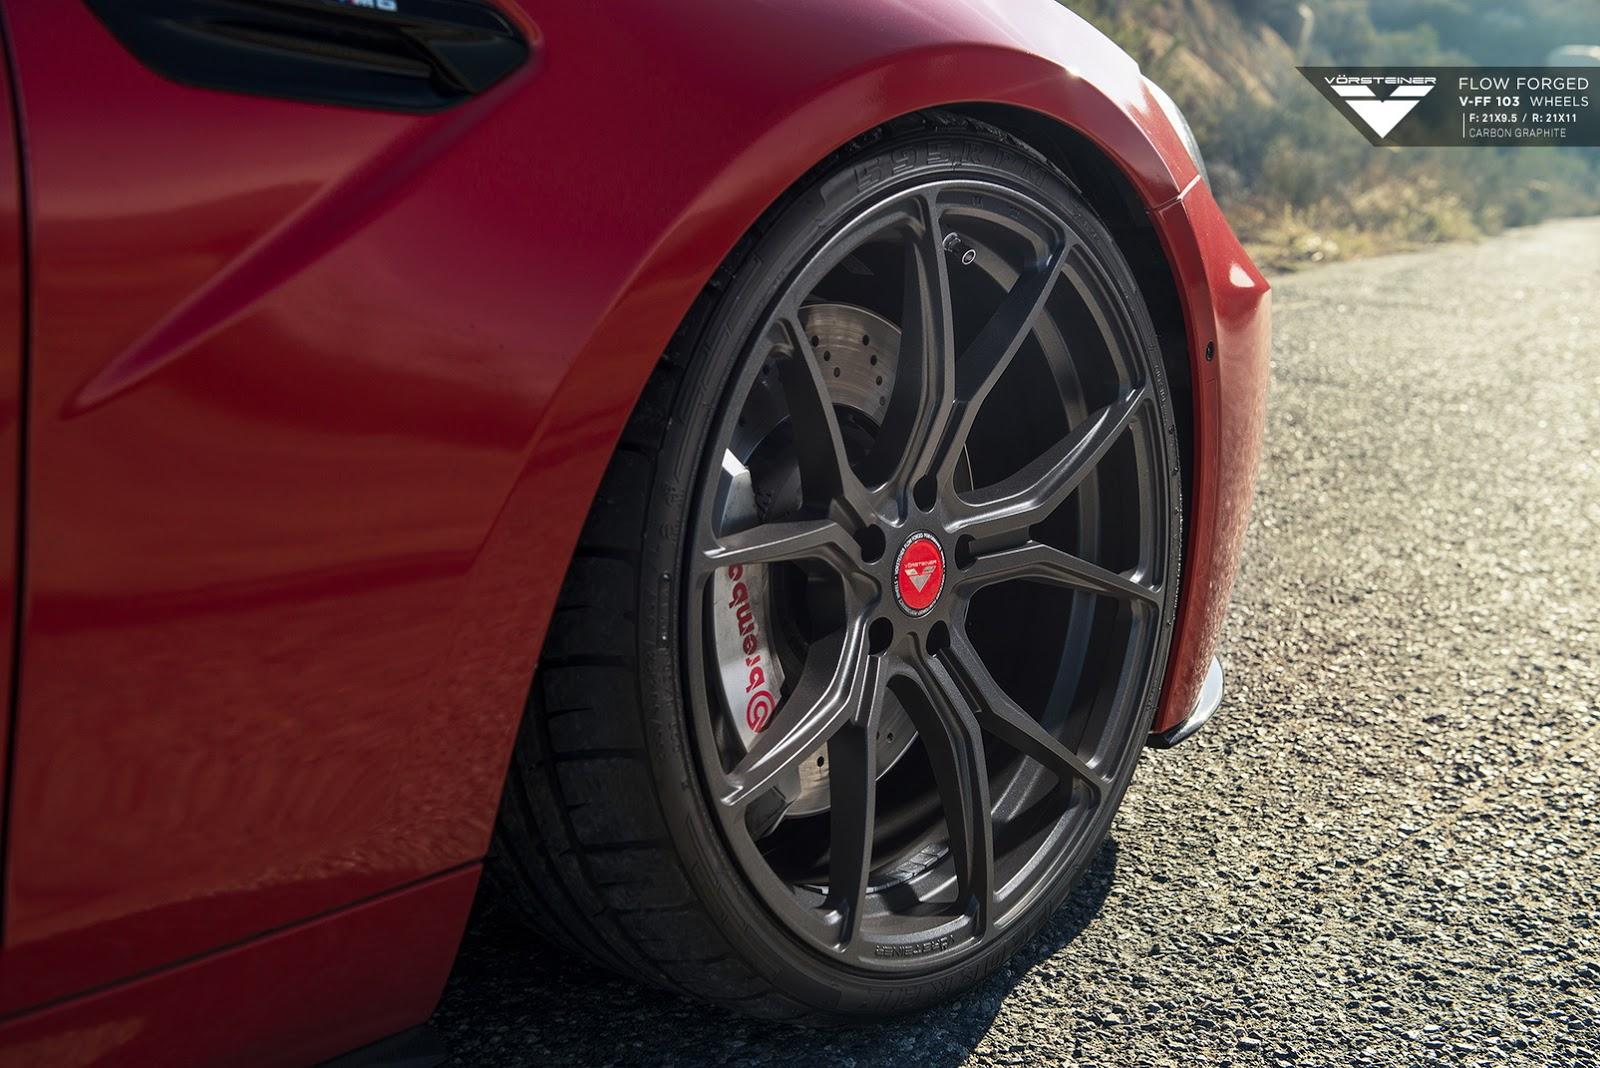 BMW M6 with 21-inch Carbon Graphite Alloys by Vorsteiner (11)